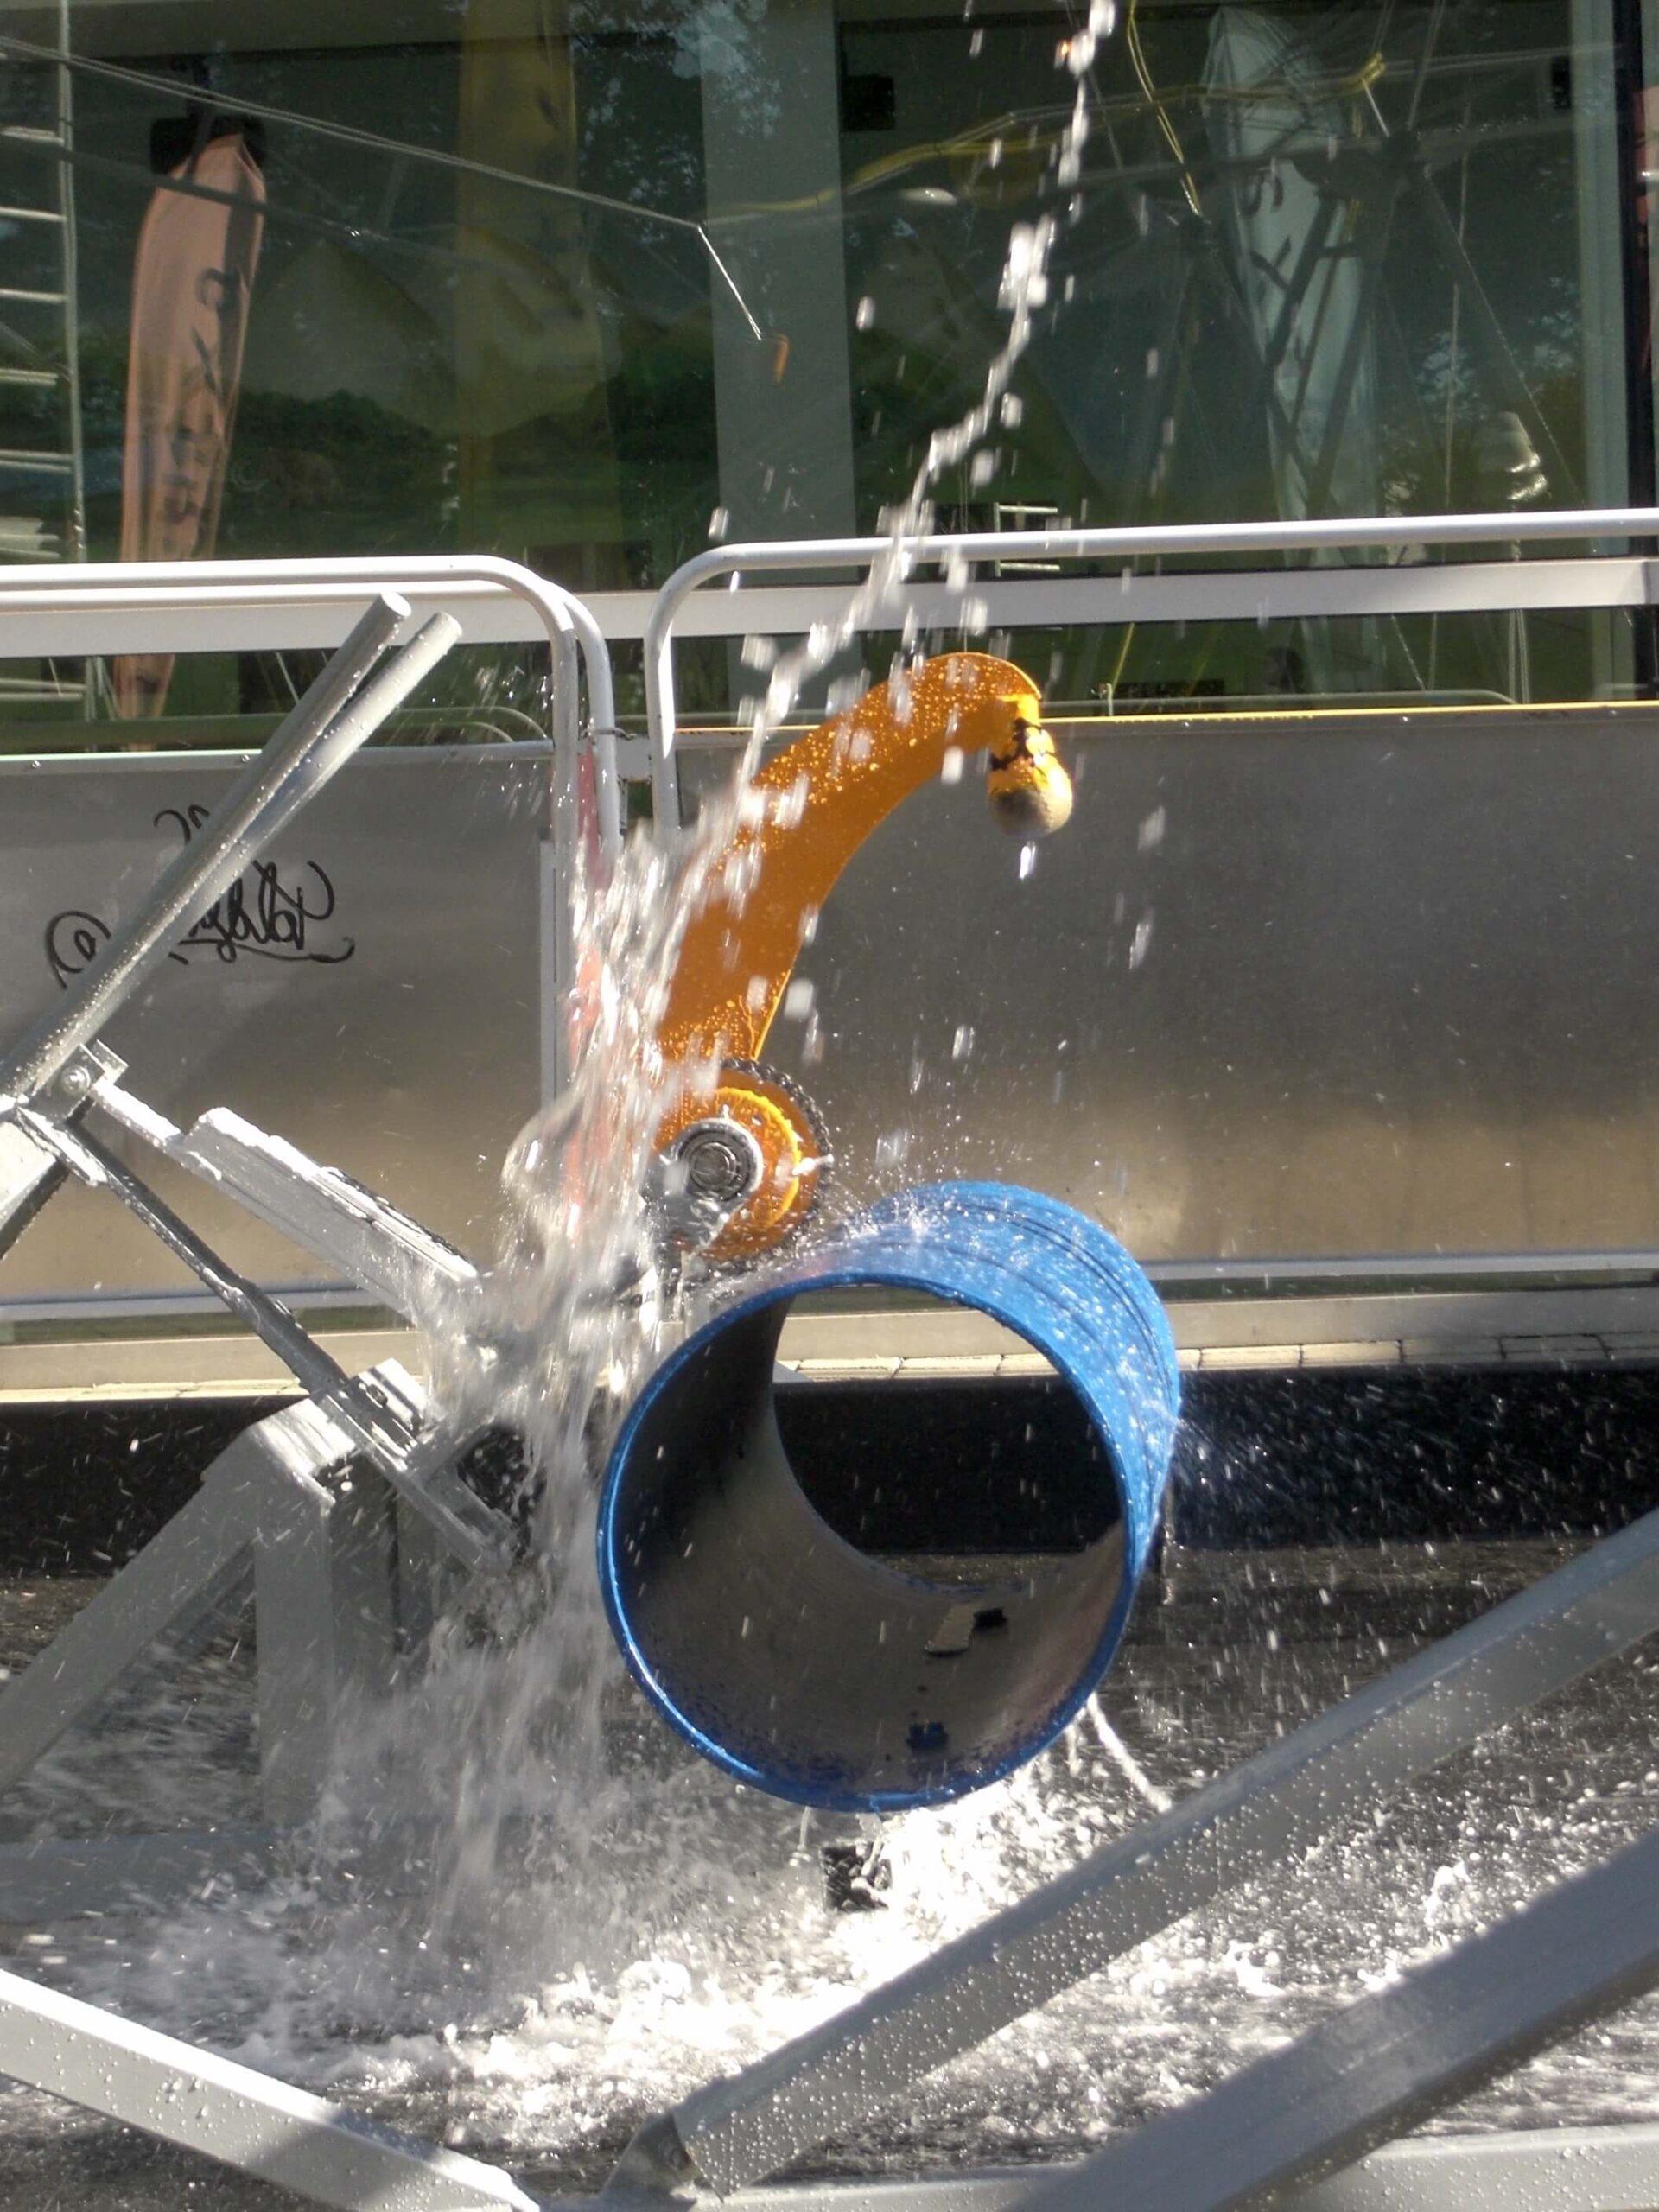 Photographie d'un détail d'une machine sonore hydraulique en action, dans un bassin d'eau, marteau orange actionnant un bras s de même couleur frappant sur un cylindre bleu.